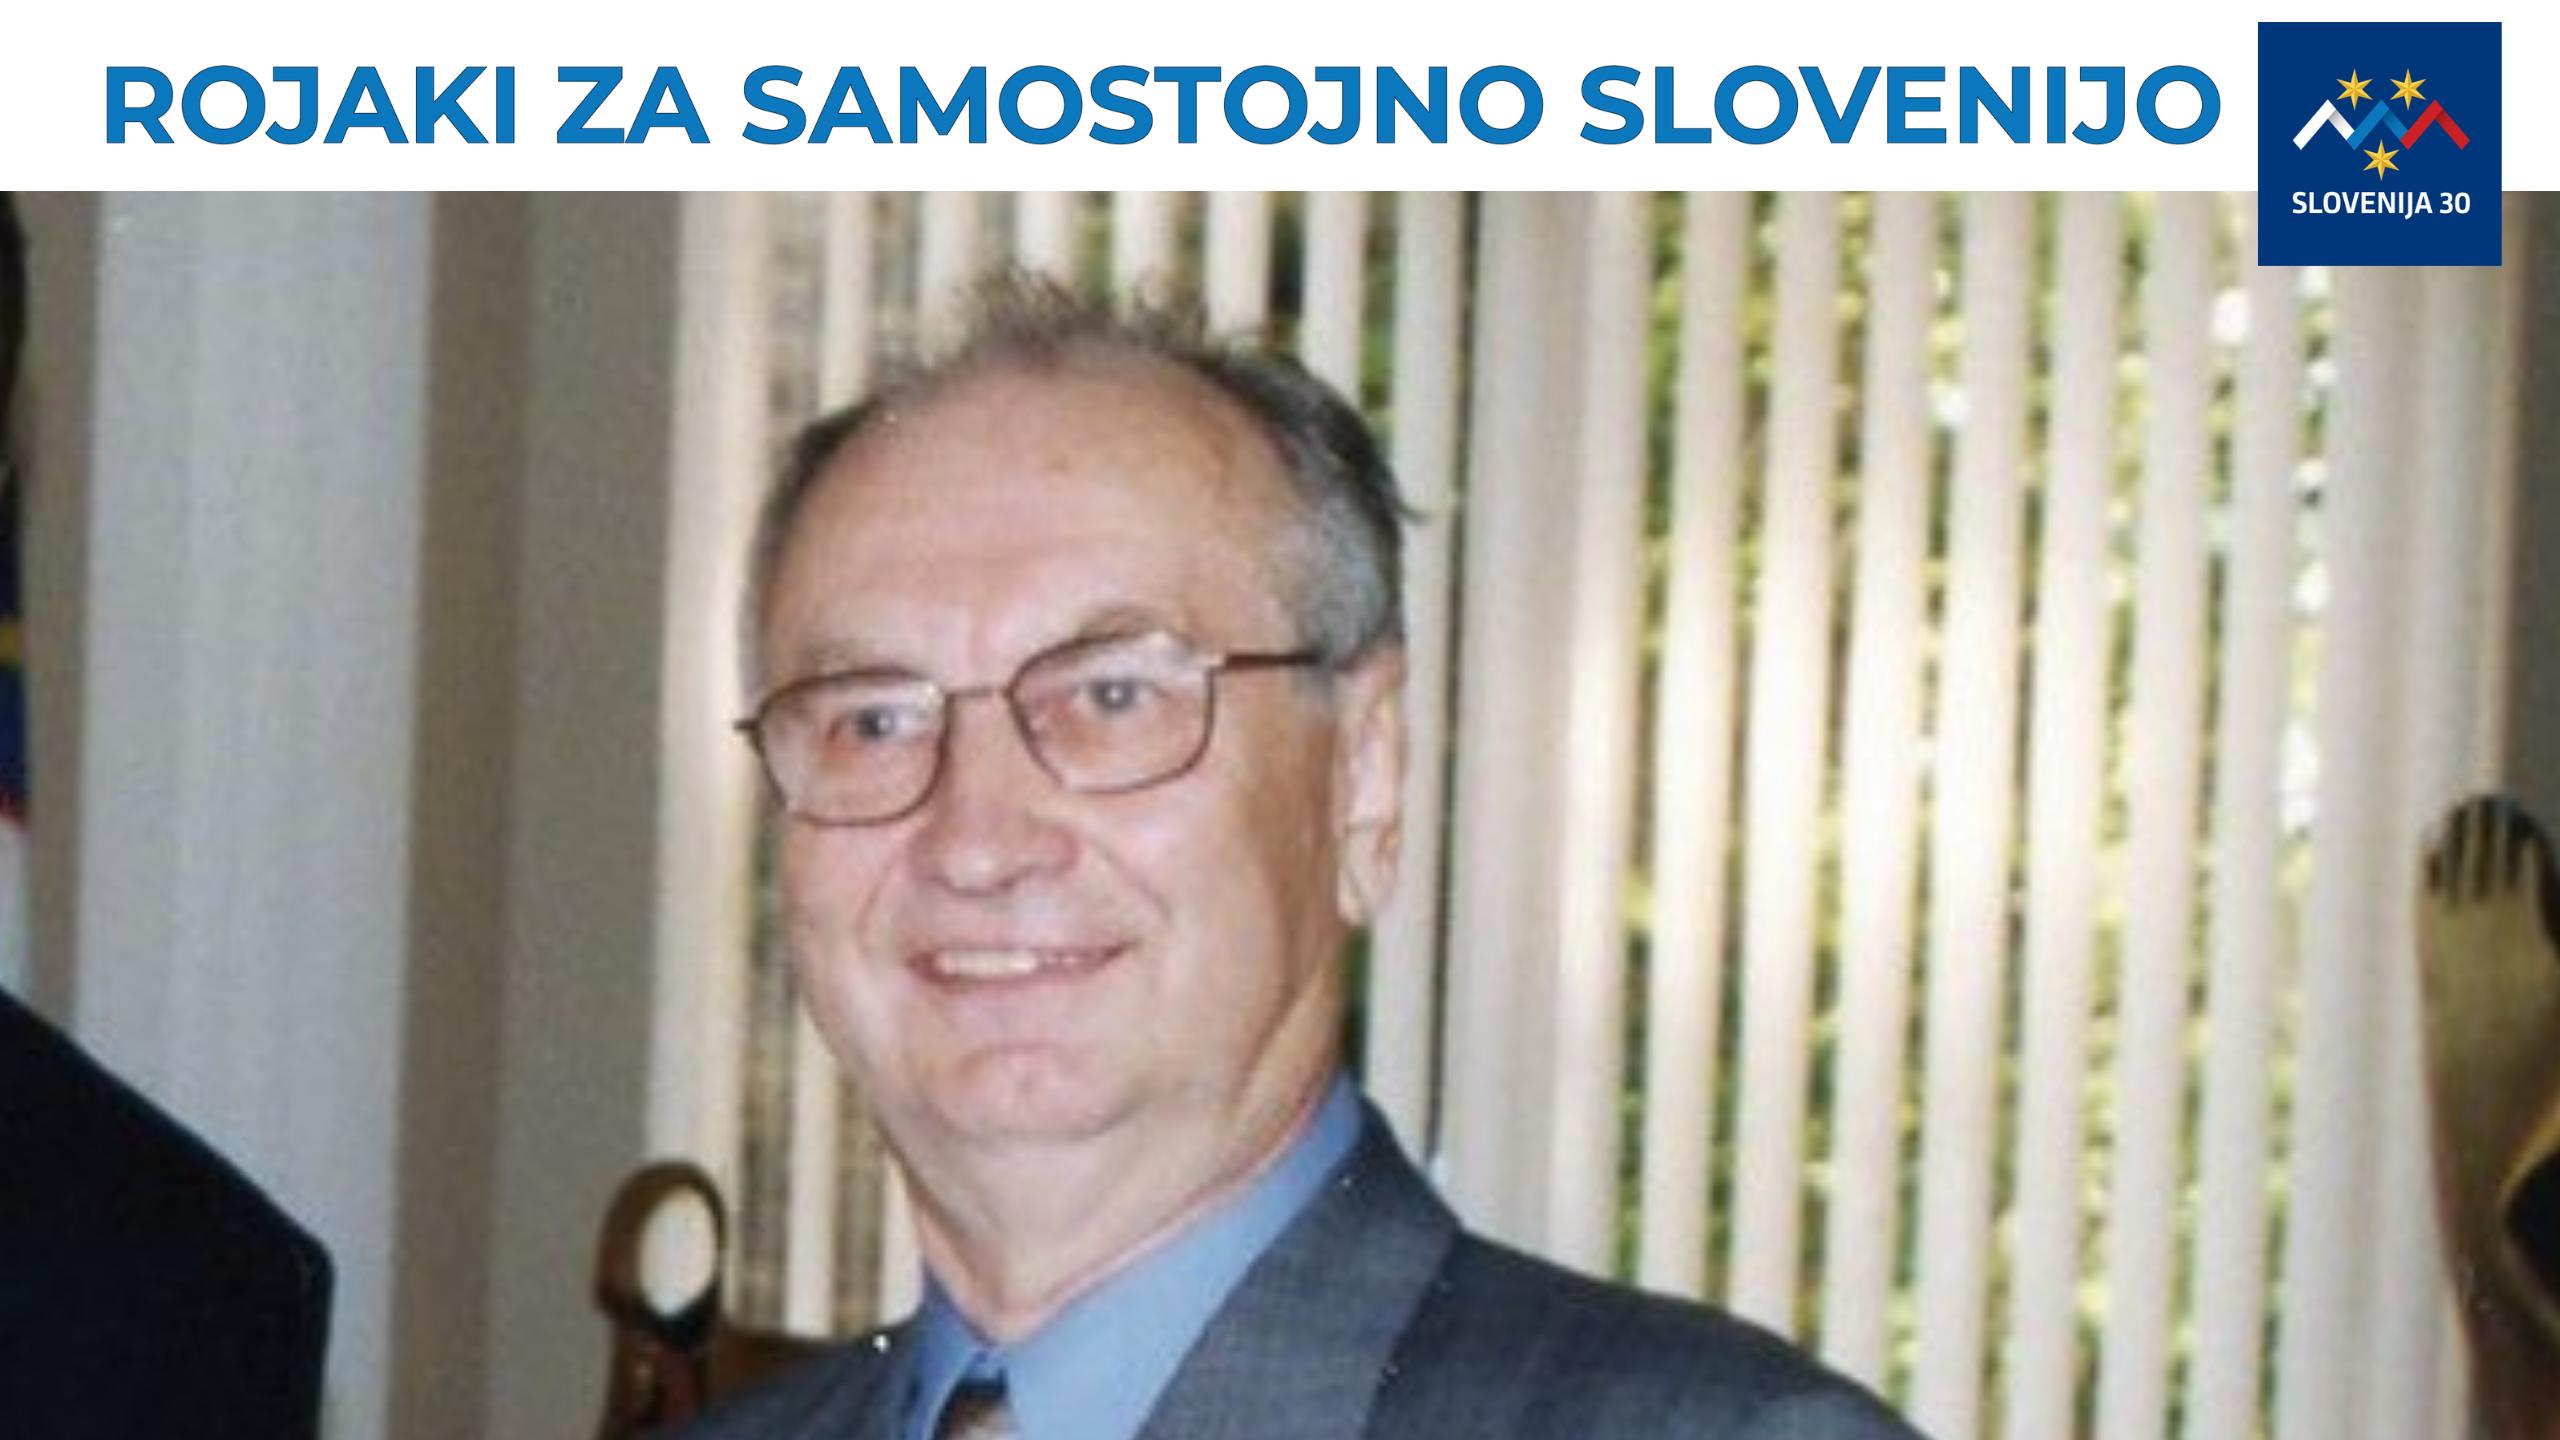 Ciril Soršak, na vrhu na belem traku napis Rojaki za samostojno Slovenijo in logo (simbol Triglava v beli, modri in rdeči barvi, tri rumene zvezde in pod tem napis Slovenija 30).